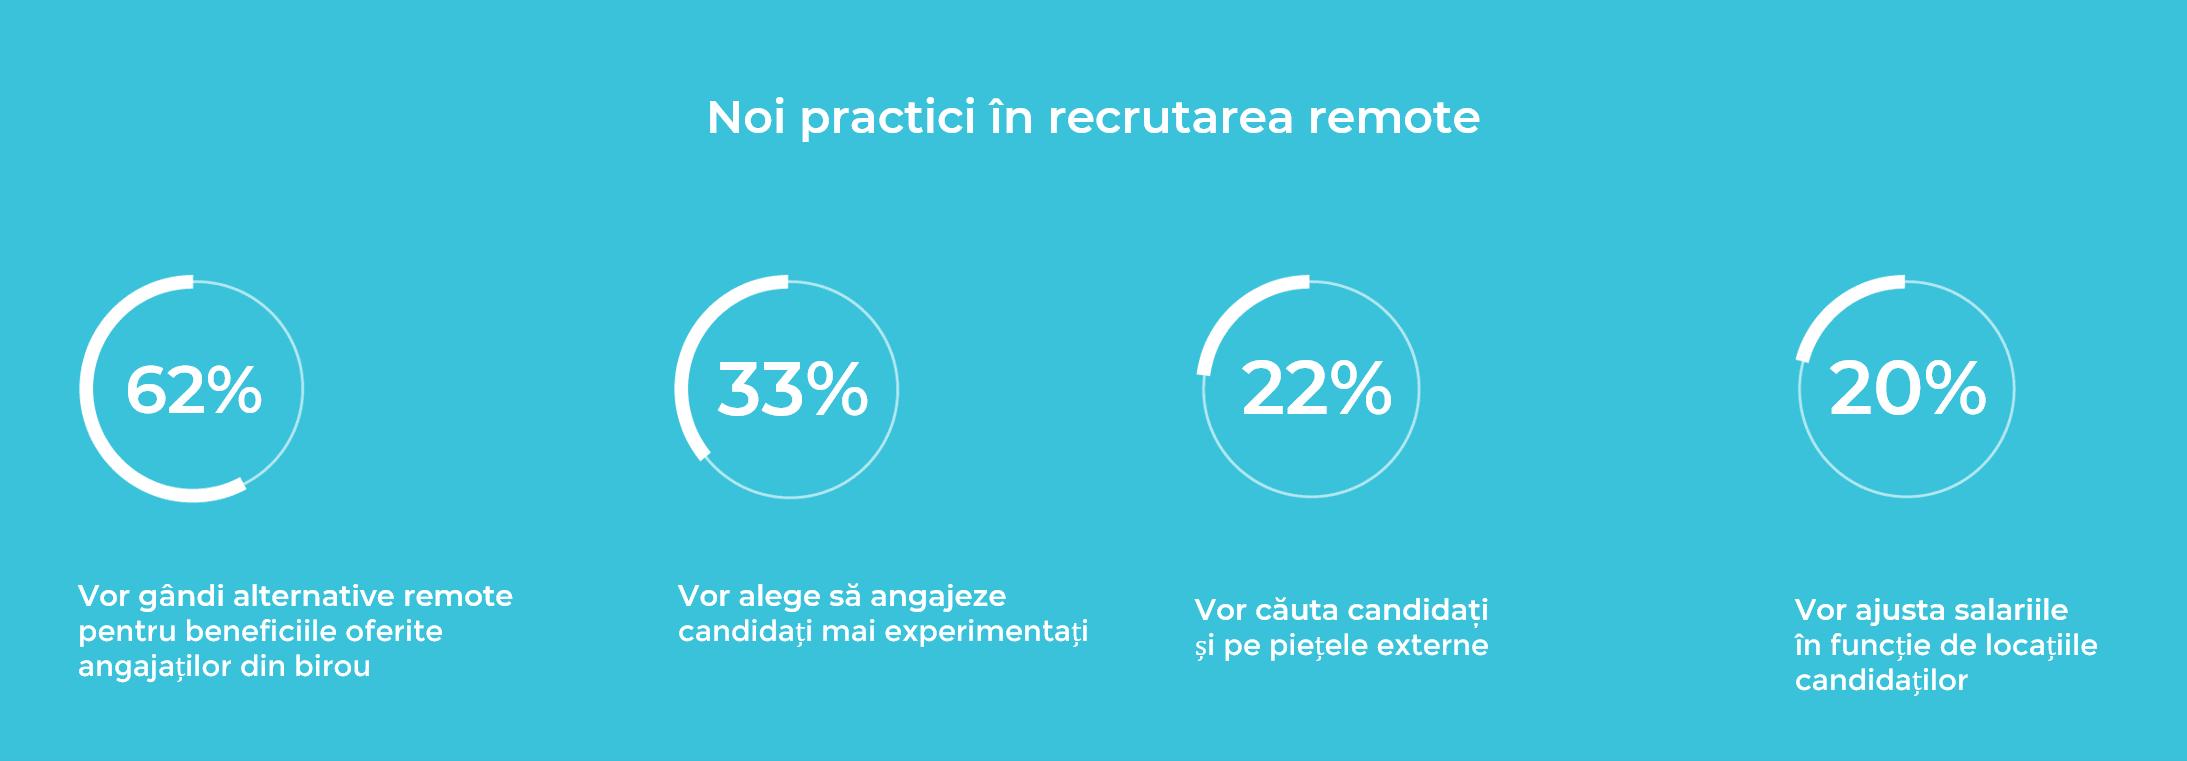 trenduri recrutare remote